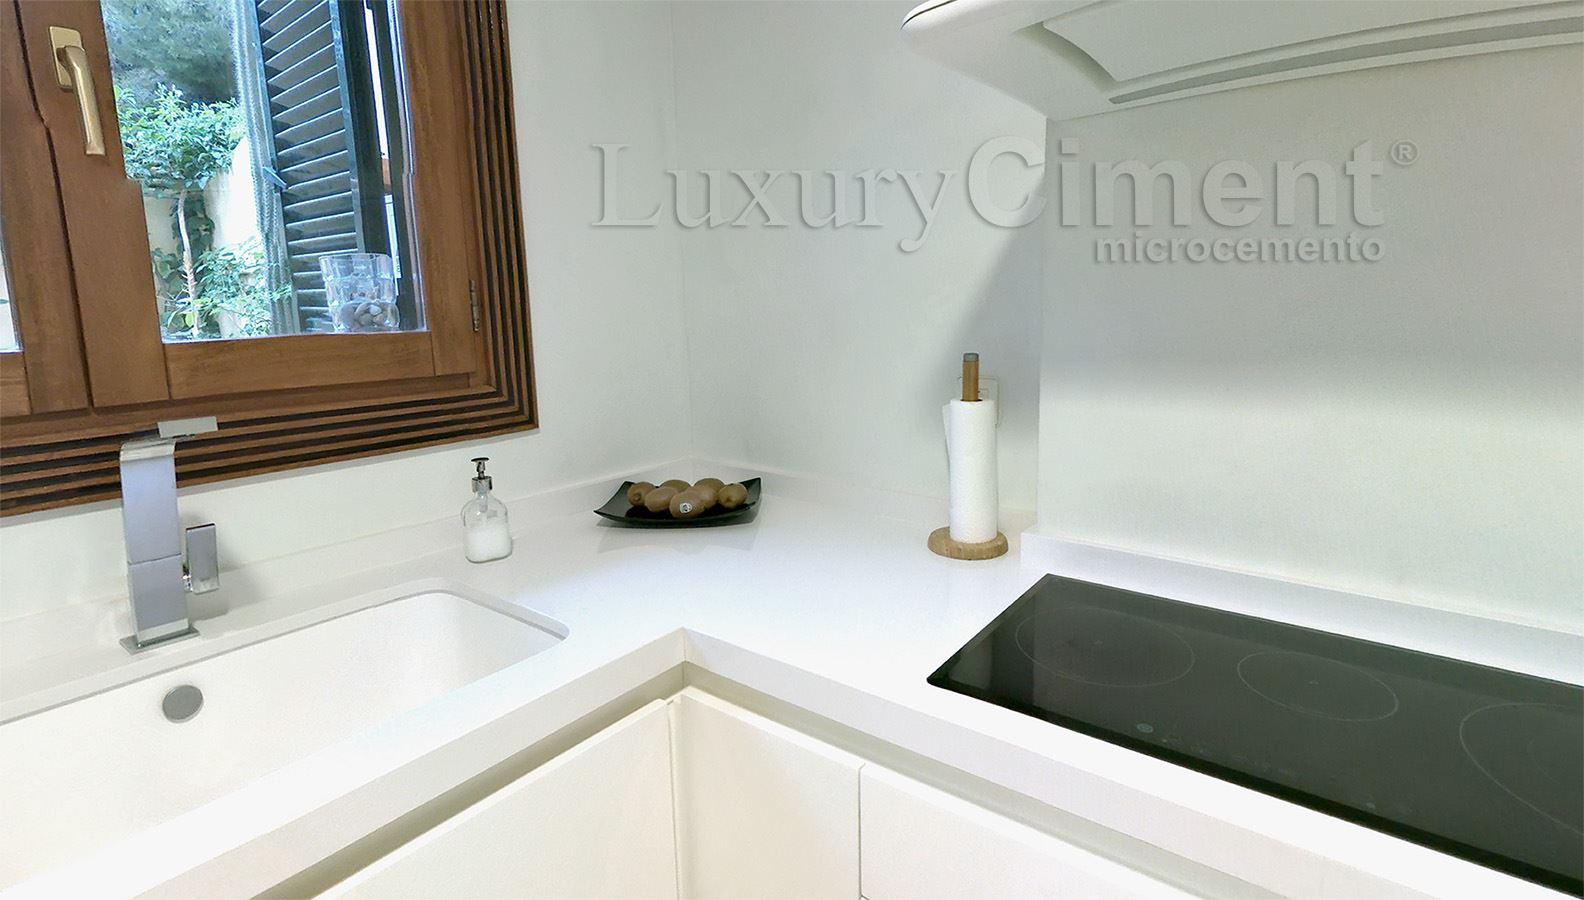 Microcemento en suelos paredes ba os cocinas para - Microcemento para paredes ...